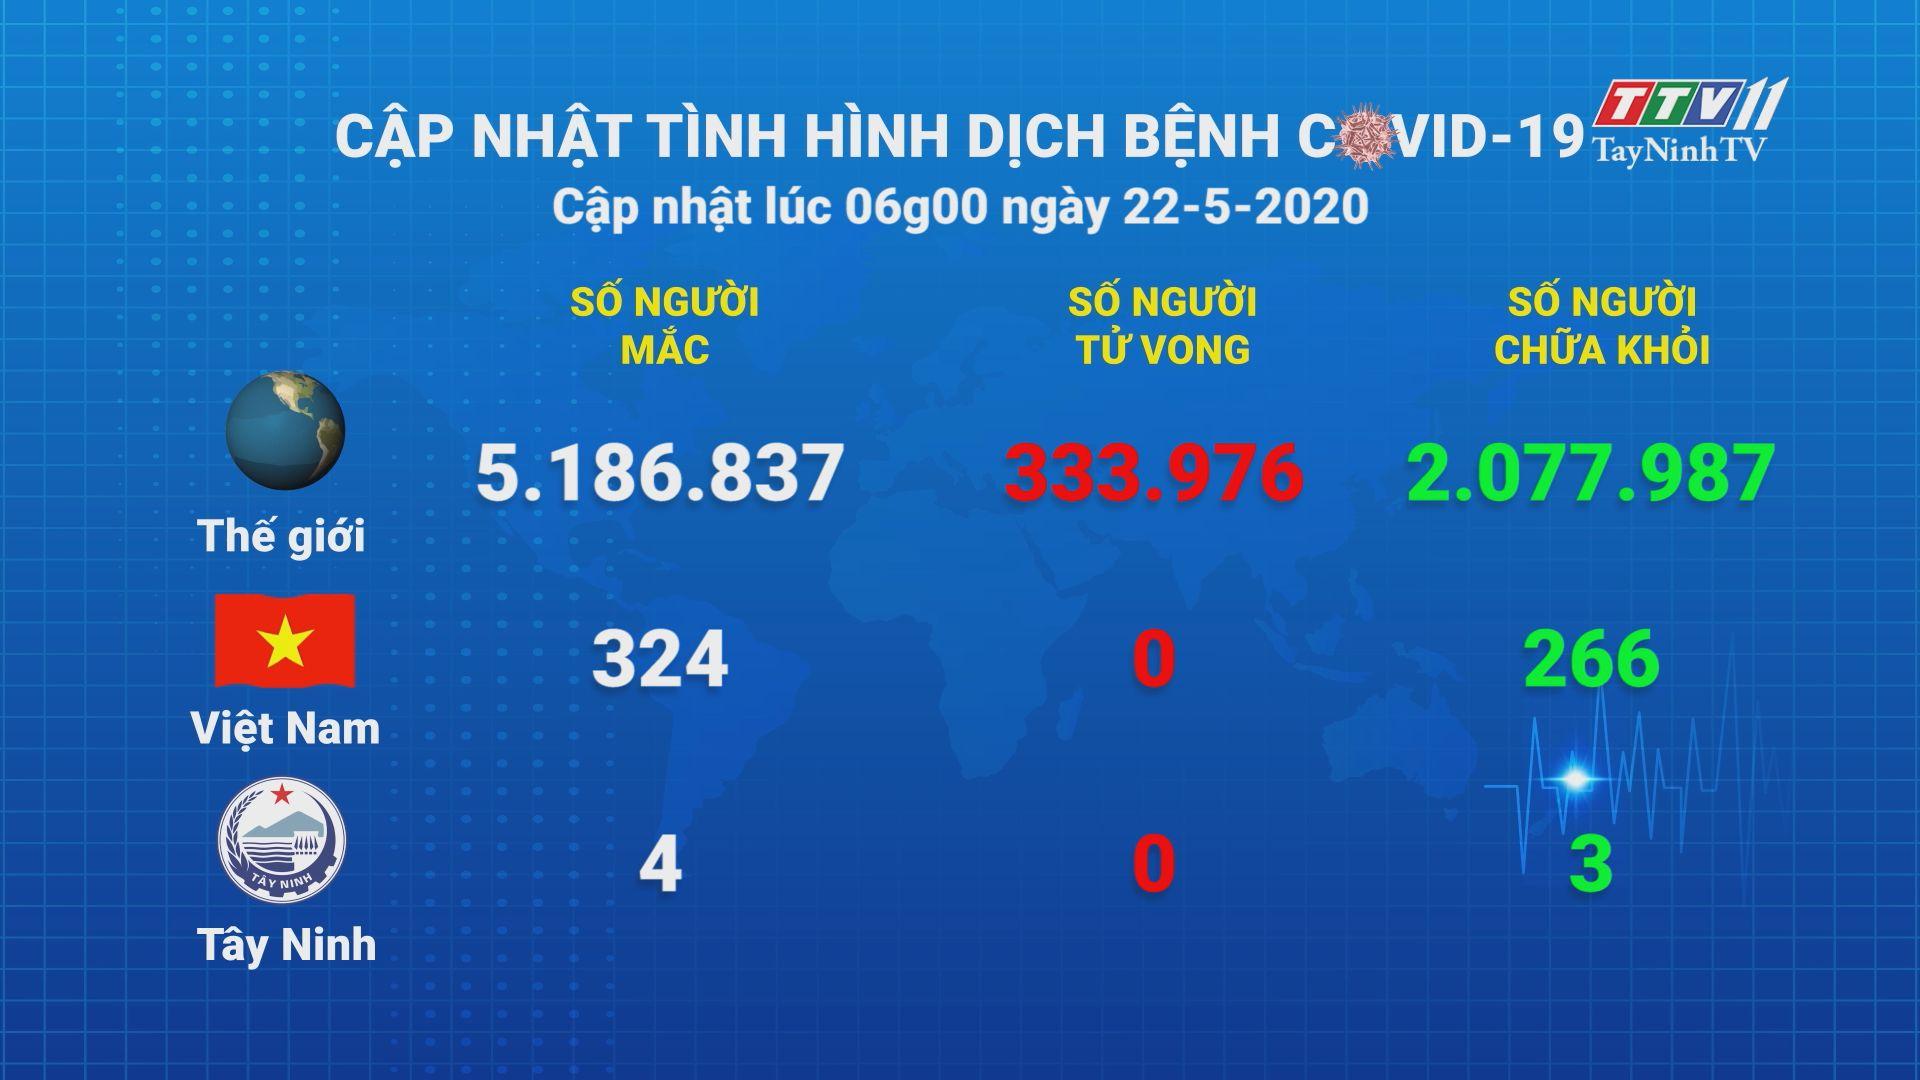 Cập nhật tình hình Covid-19 vào lúc 06 giờ 22-5-2020 | Thông tin dịch Covid-19 | TayNinhTV